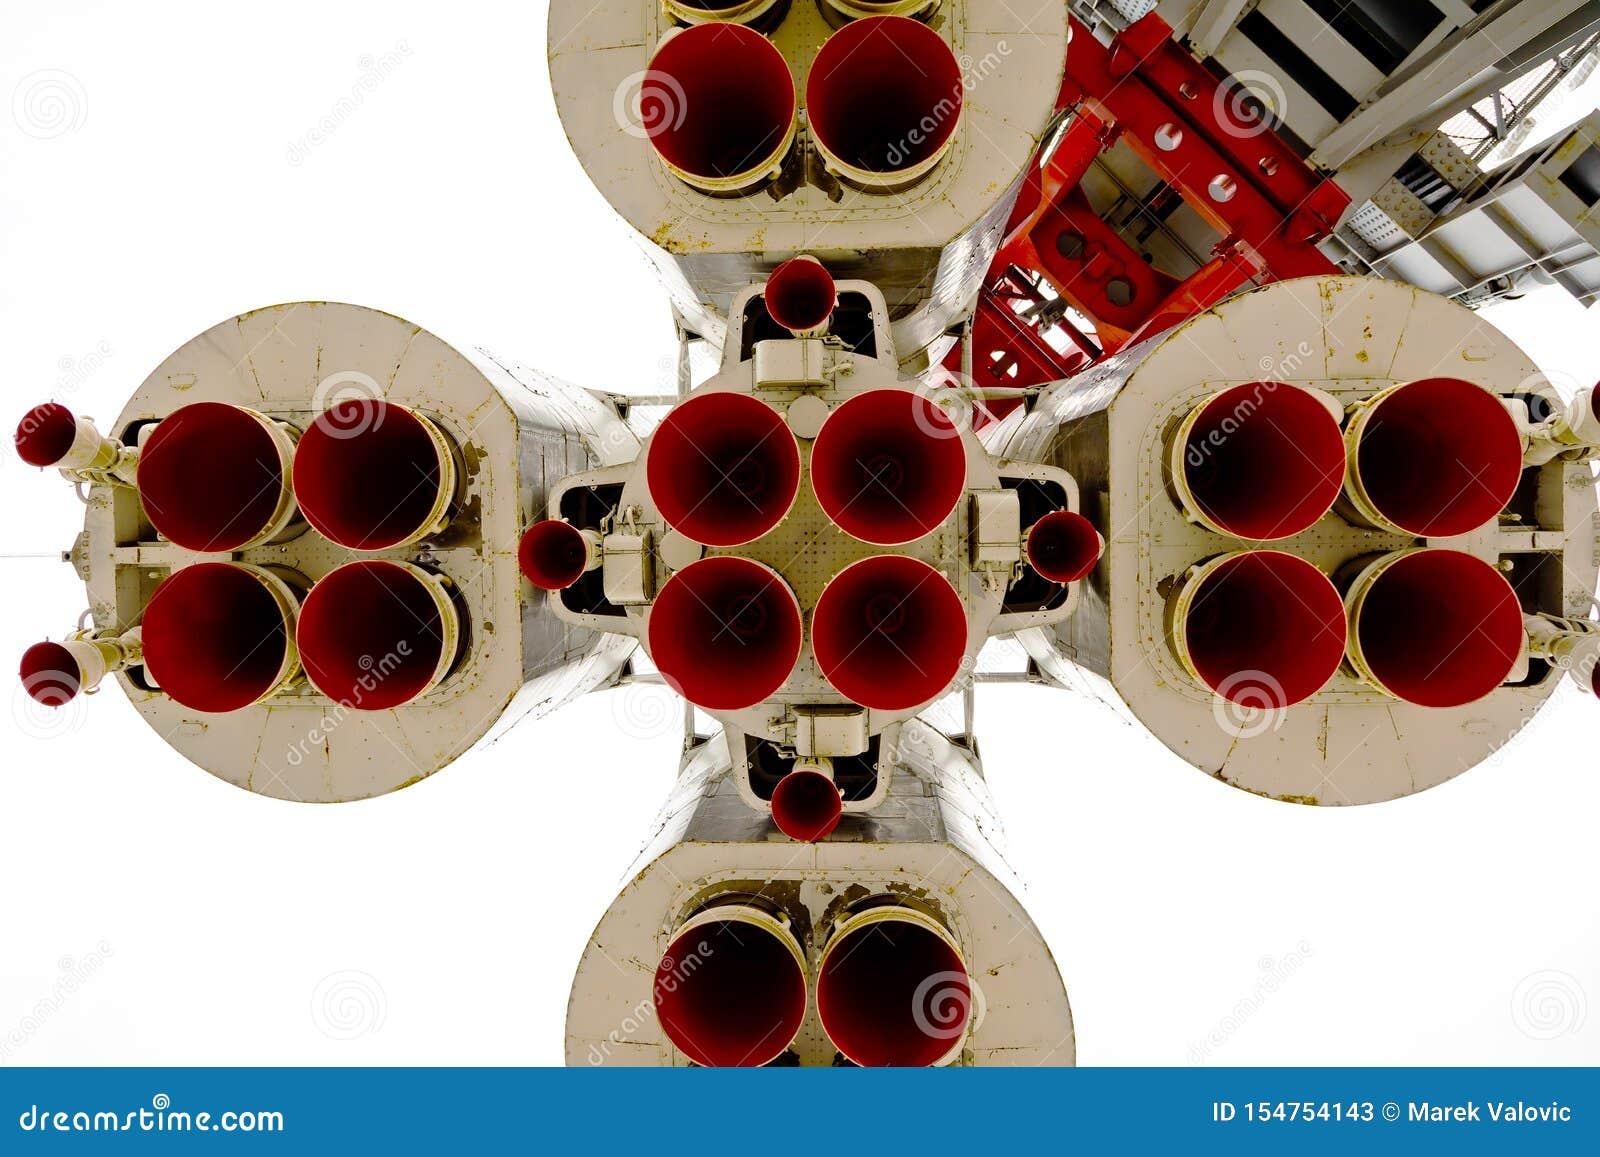 火箭喷管从底视图的